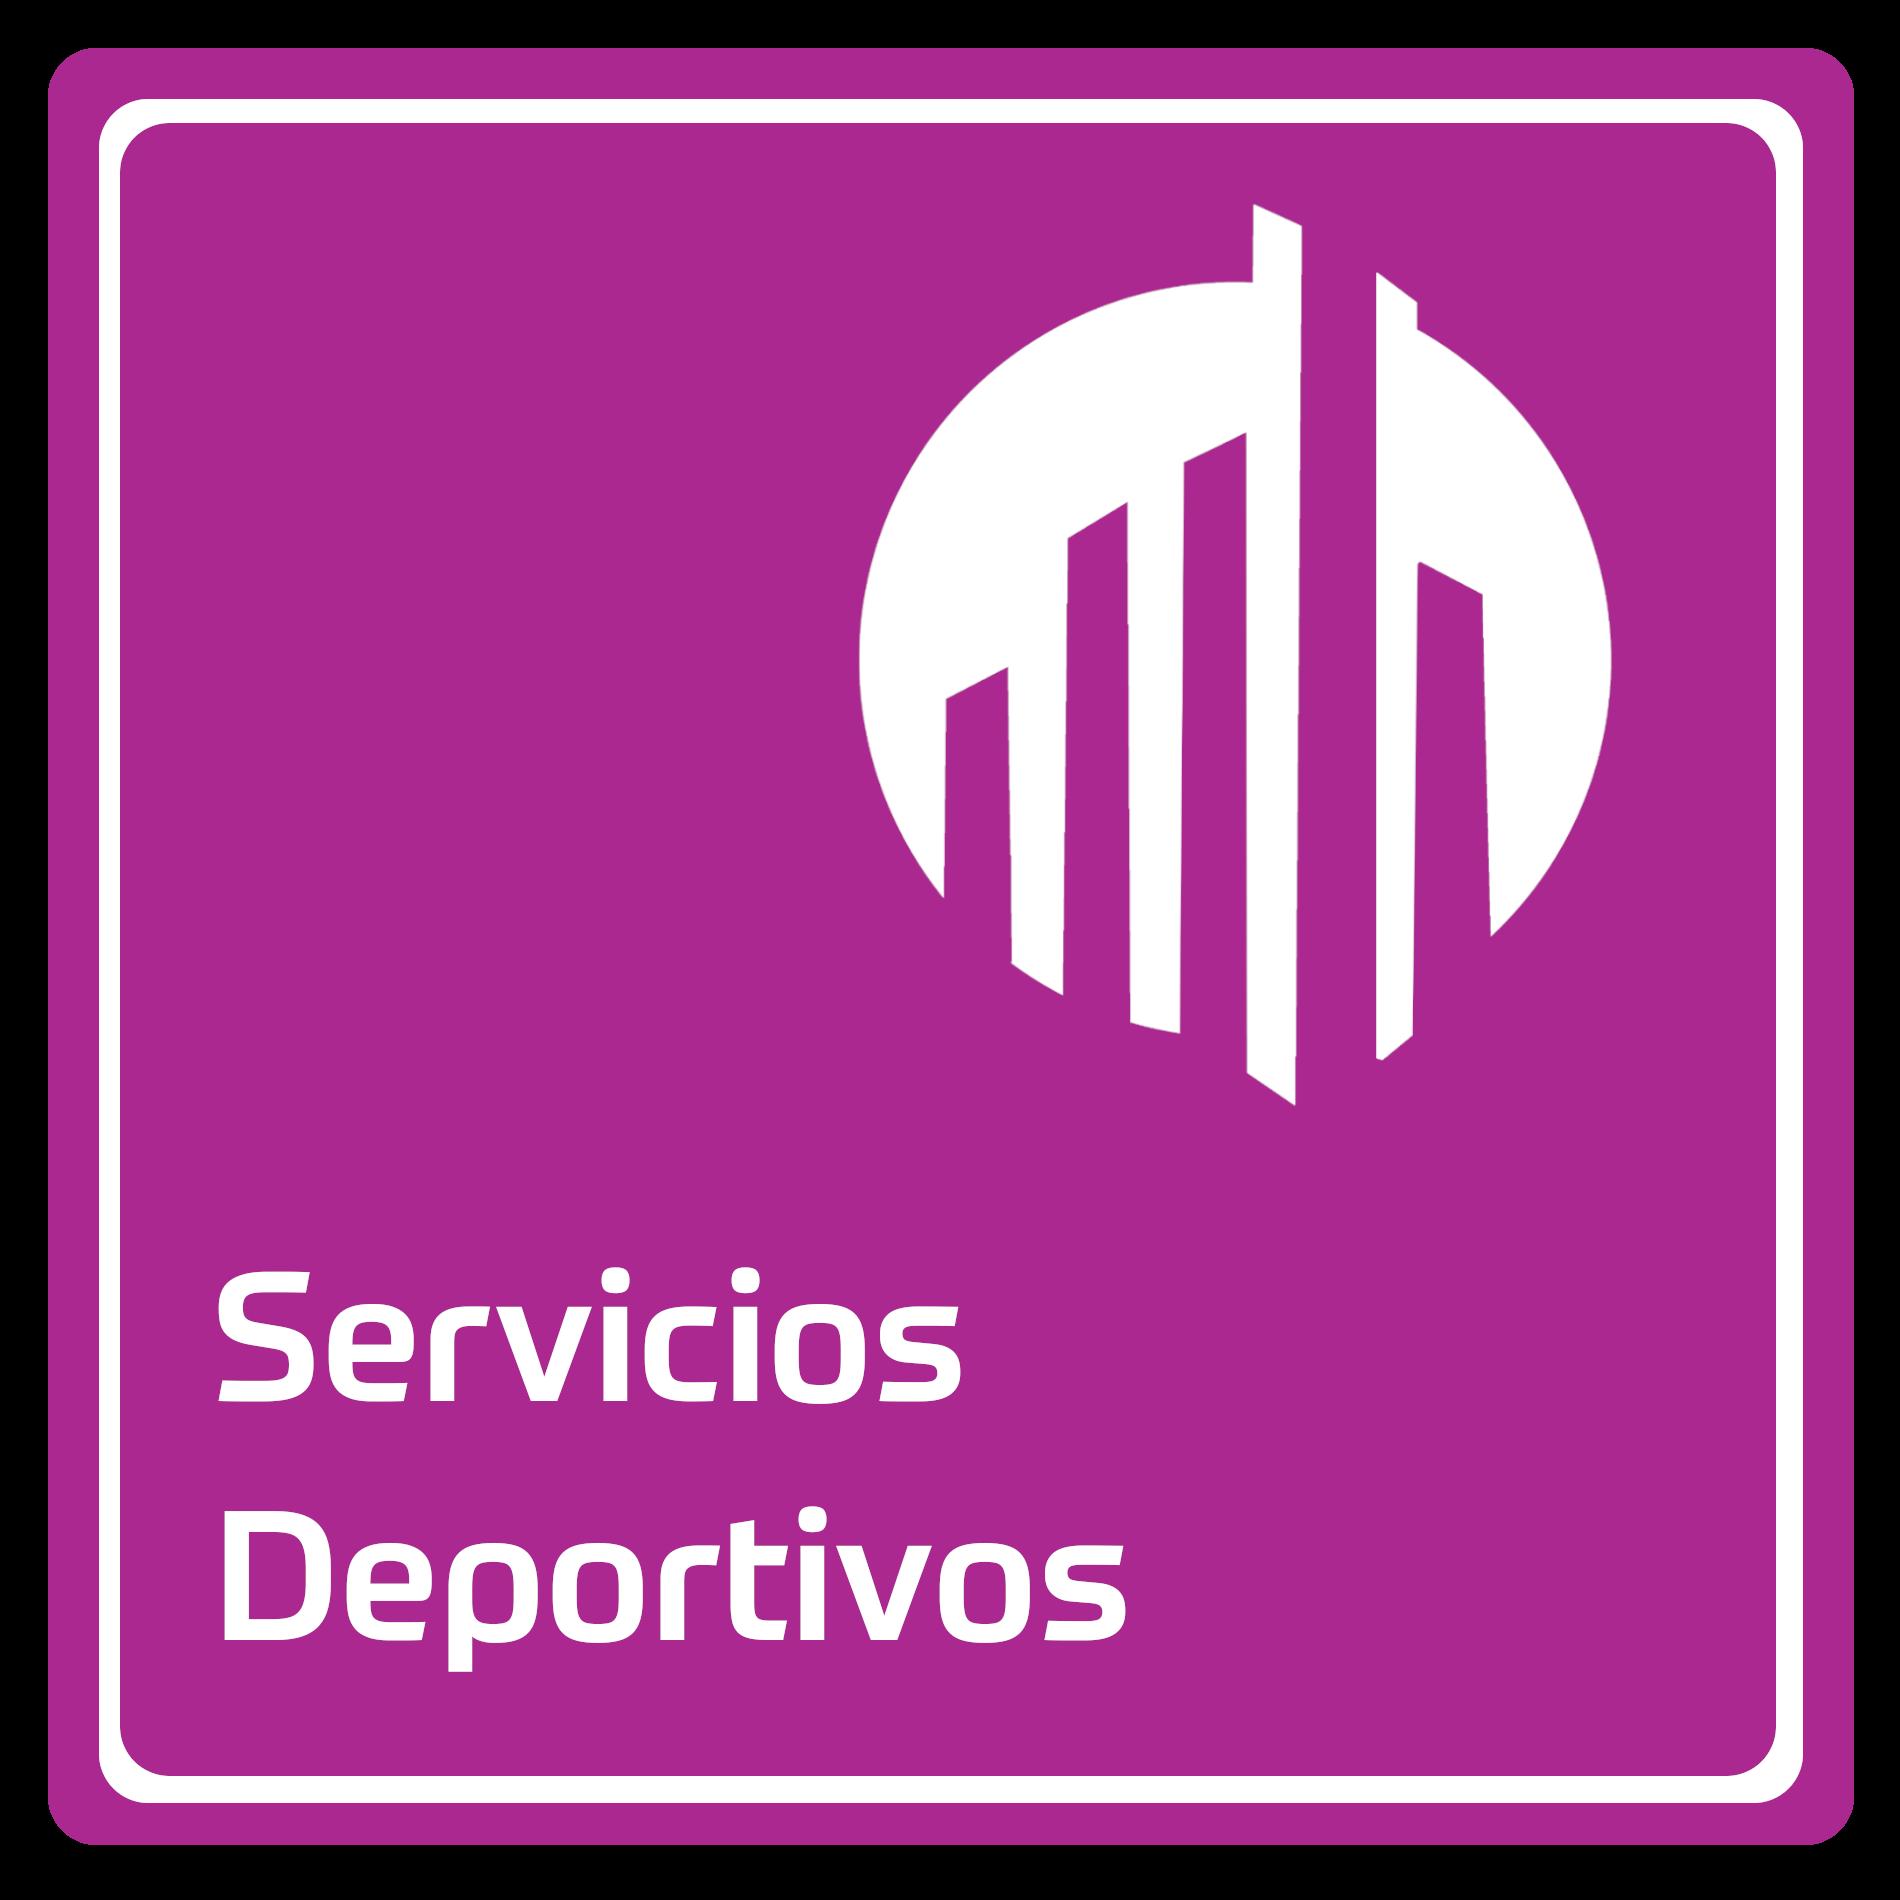 Servicios Deportivos